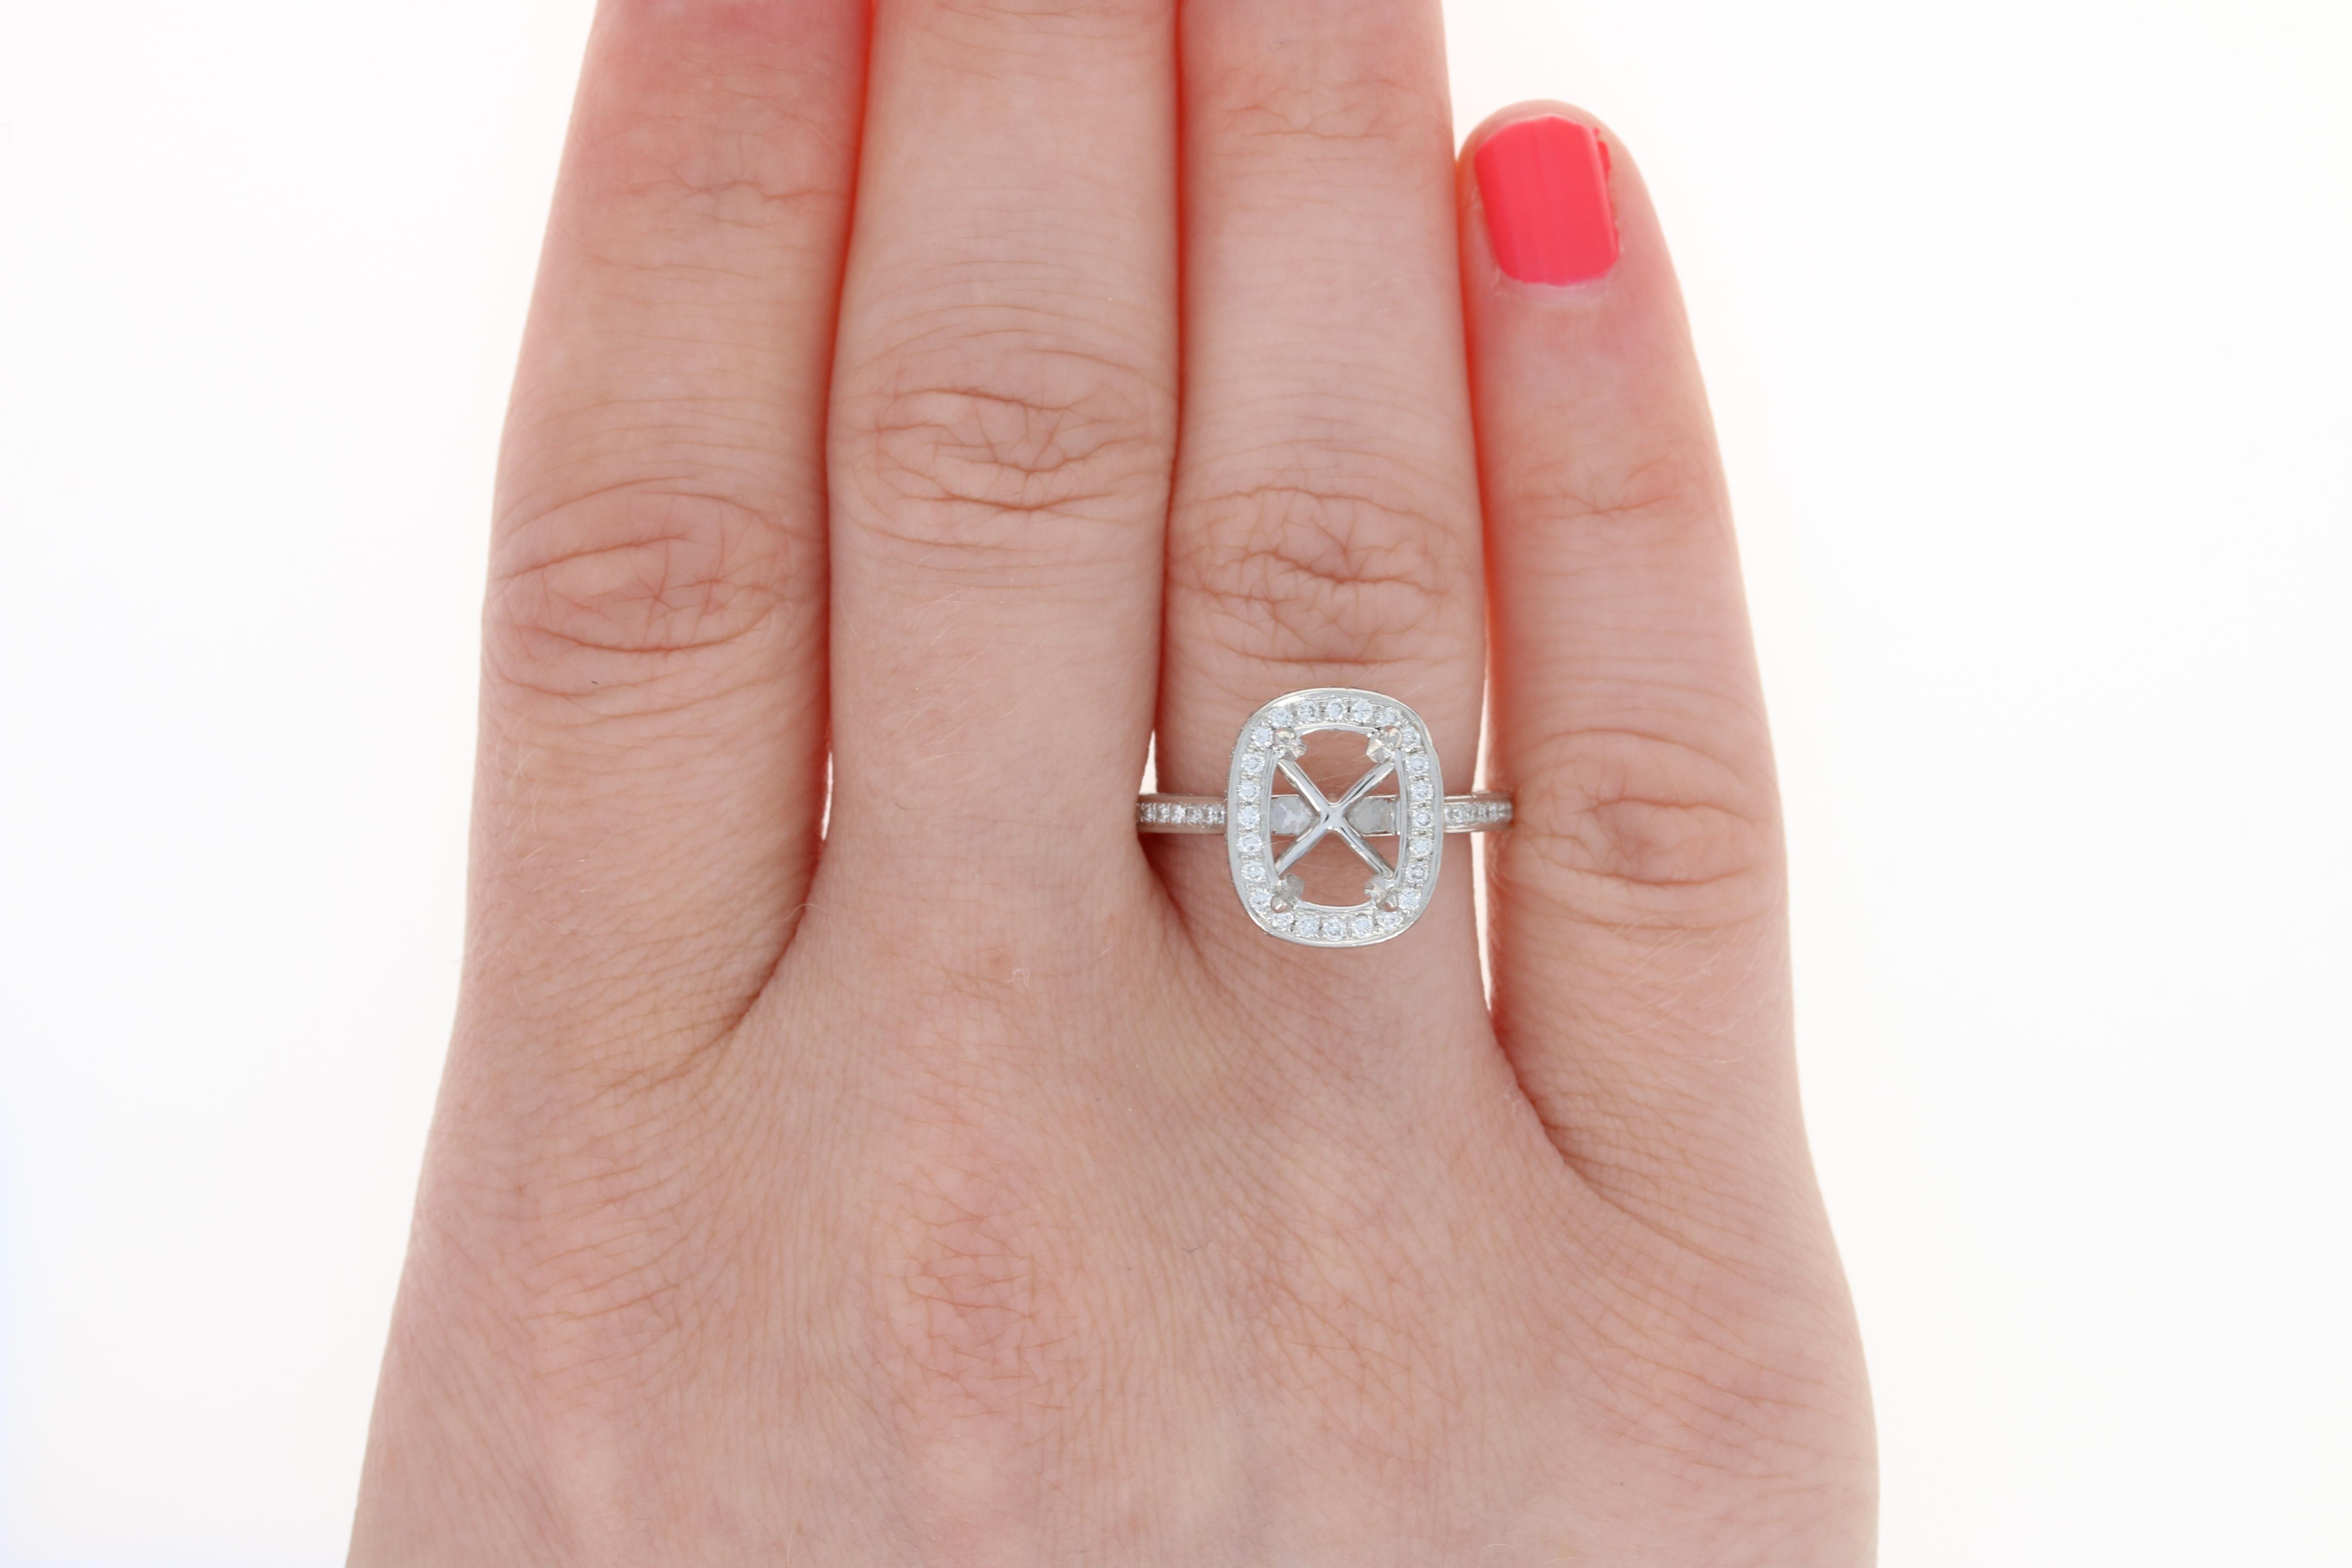 Henri Daussi Semi-Mount Engagement Ring & Wedding Band - Platinum ...